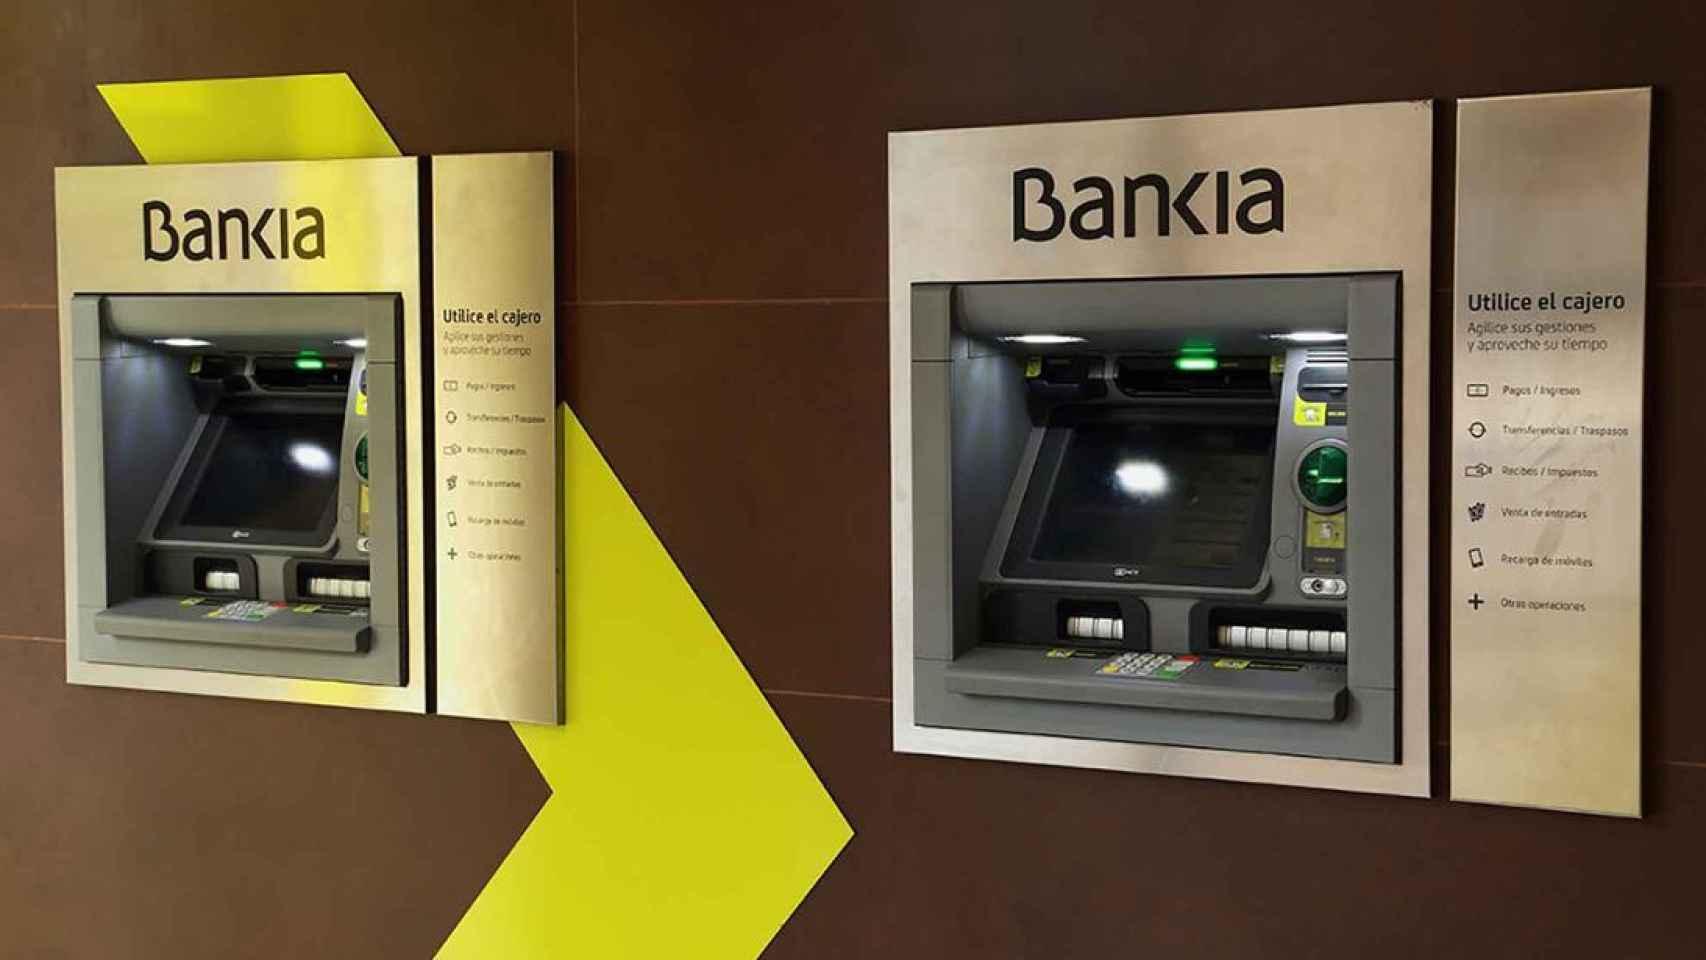 Imagen de cajeros de Bankia.